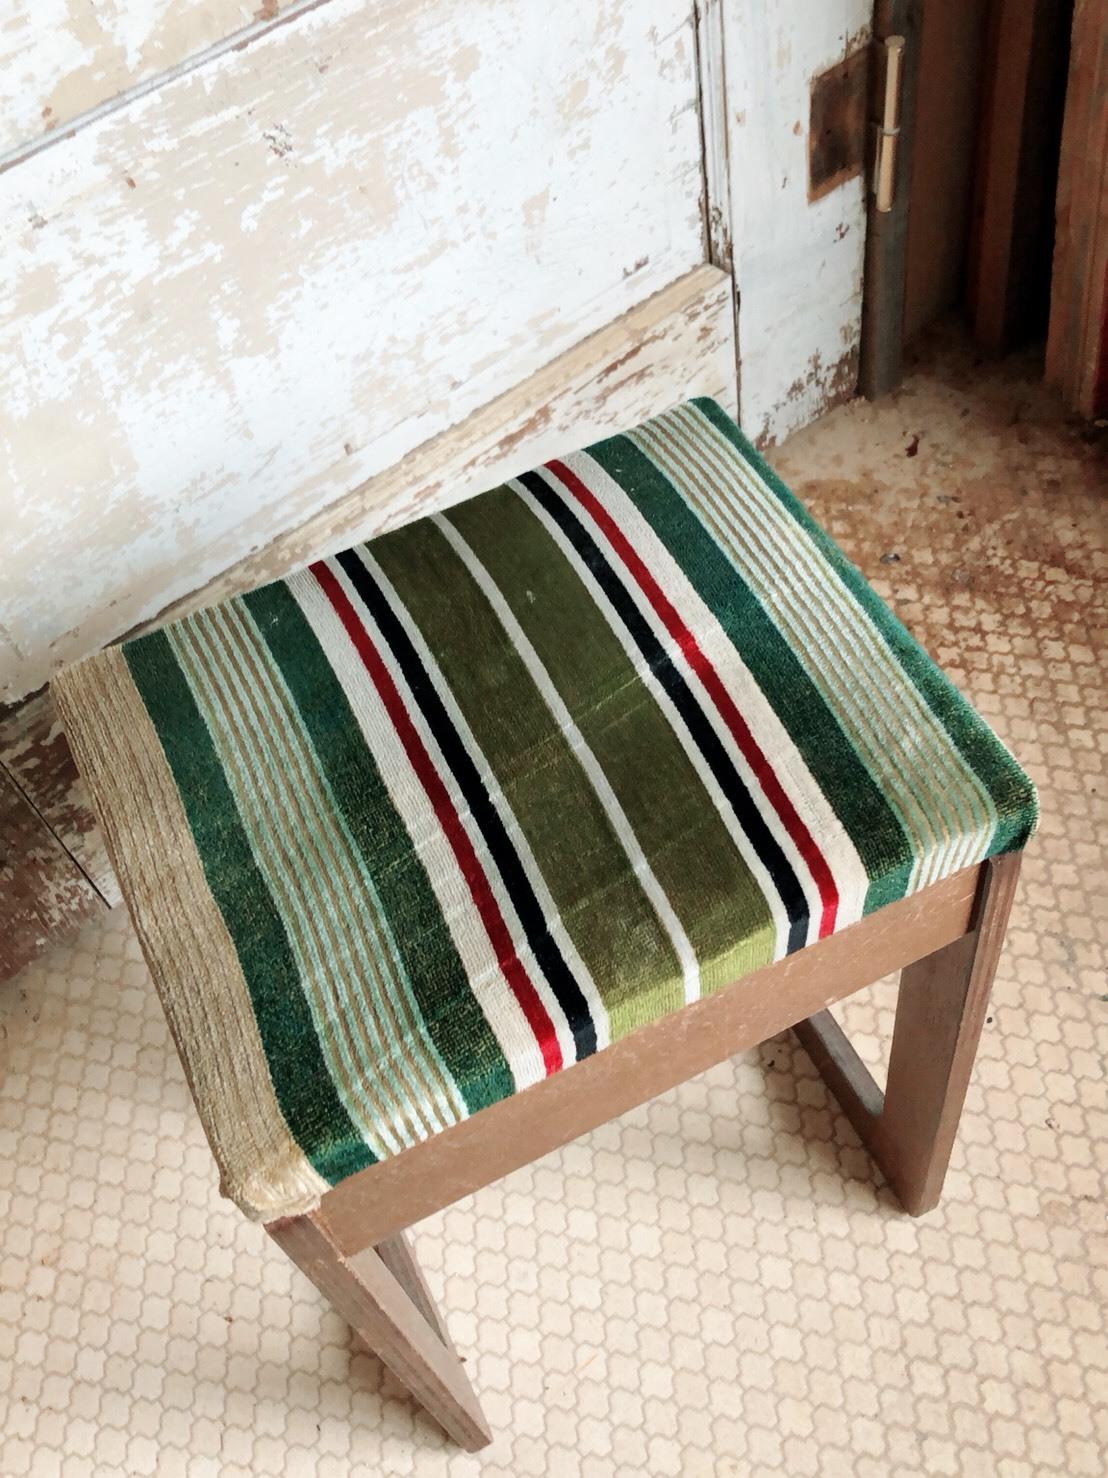 味のあるミシン椅子  リメイク